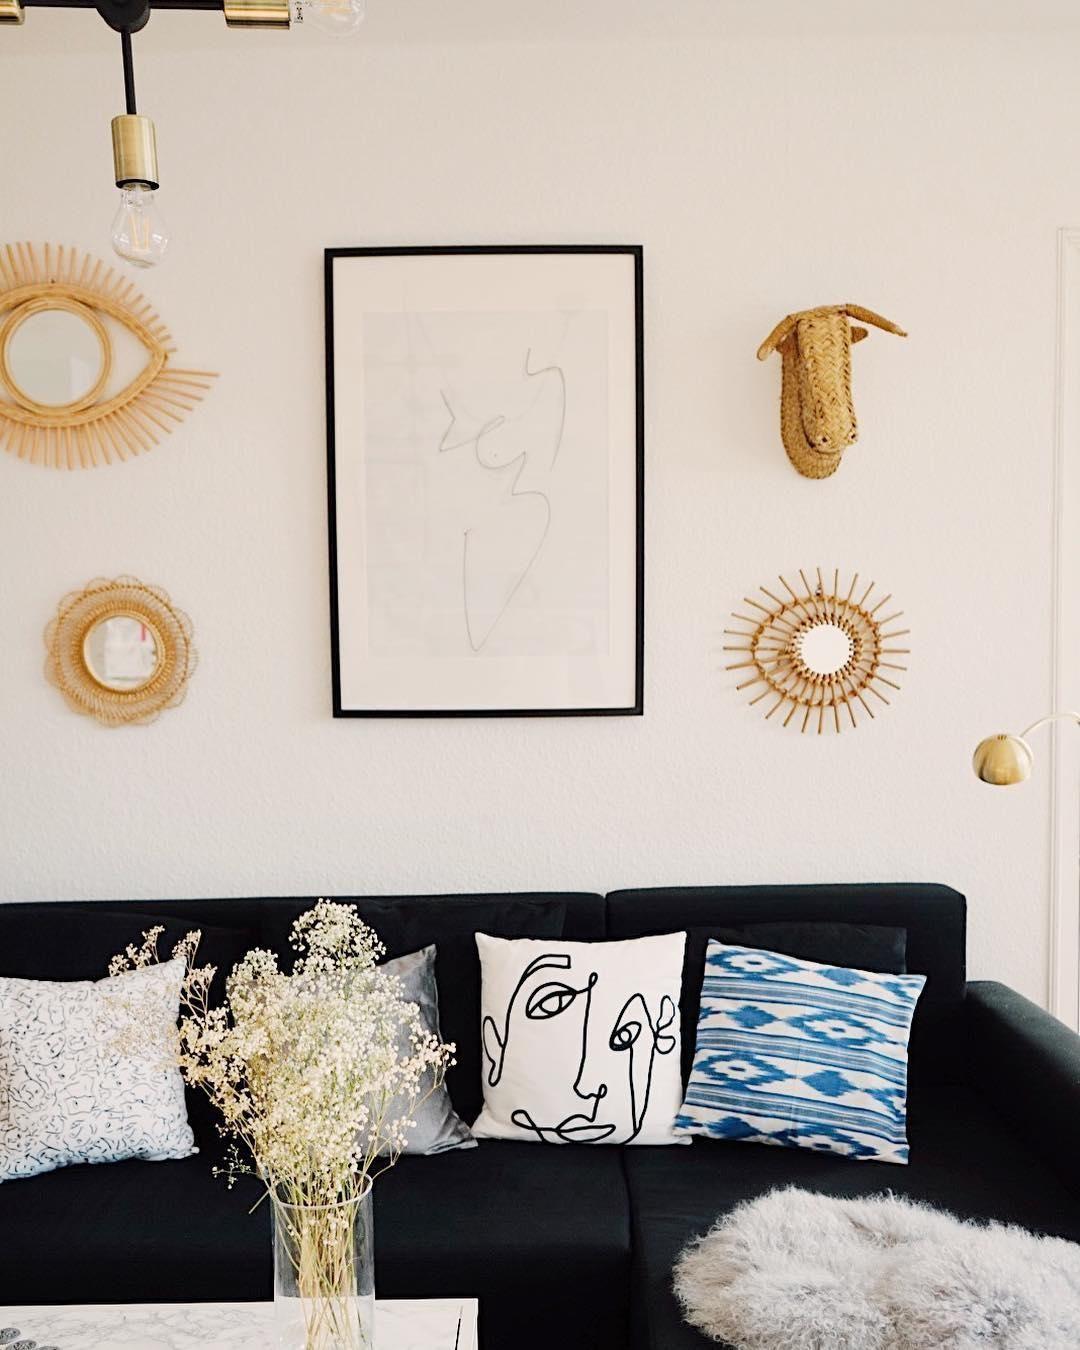 Deko Liebe! In Diesem Wunderschönen Wohnzimmer Stimmt Einfach Jedes Detail.  Ein Kuscheliges Fell